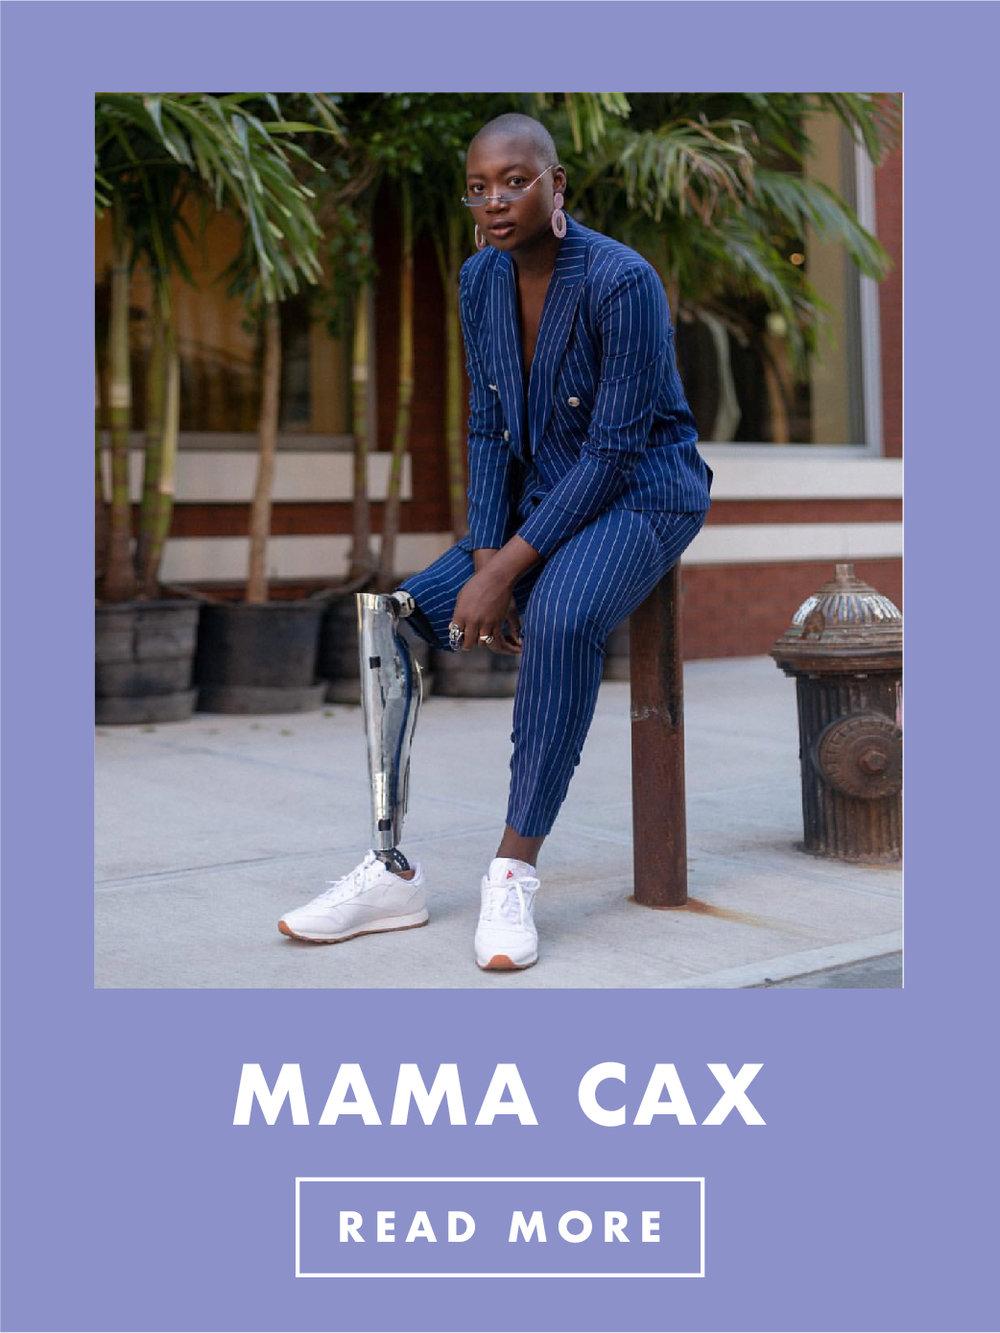 mamacax.jpg